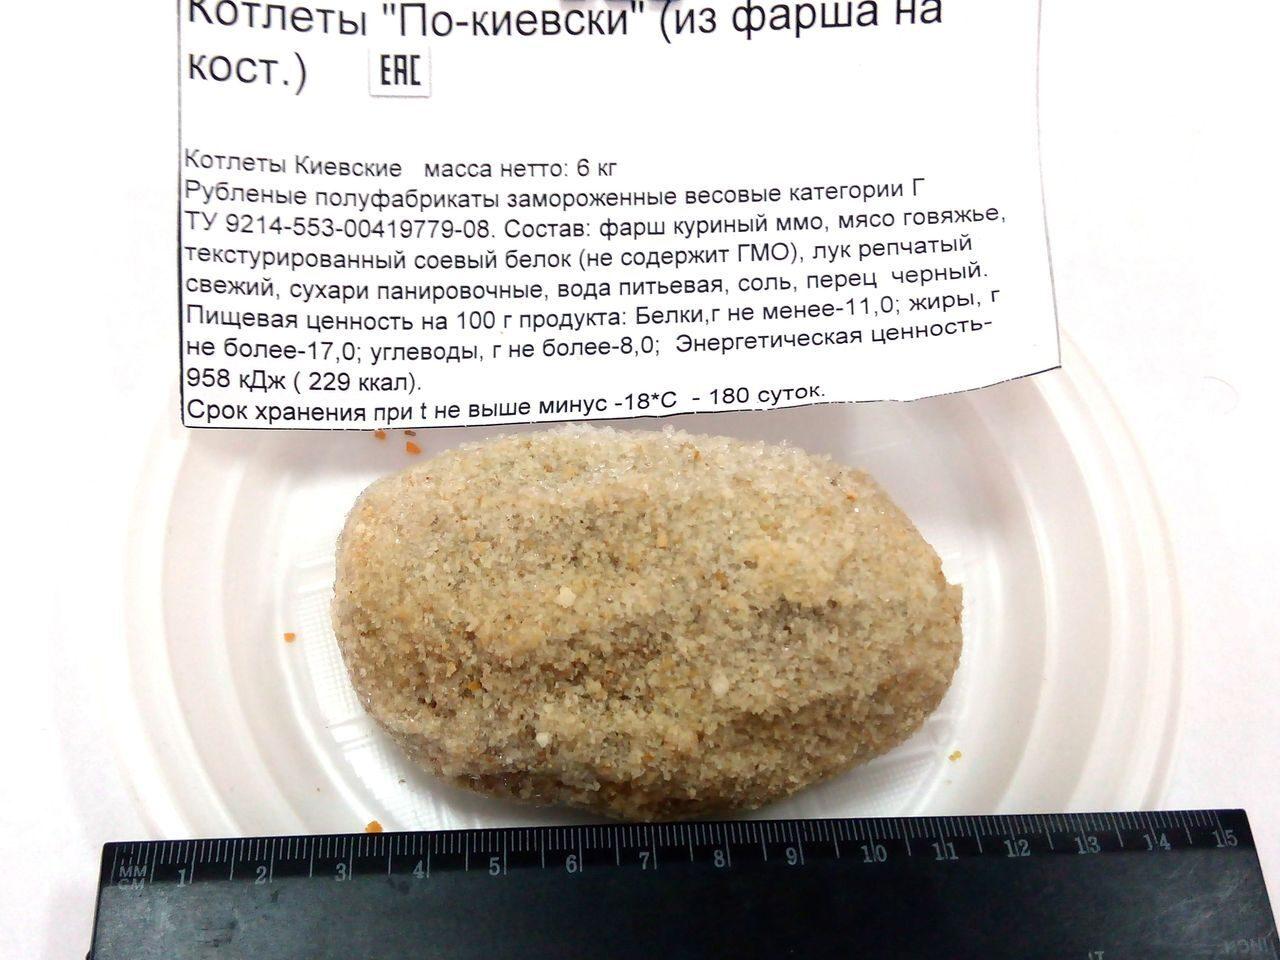 Заморозка полуфабрикатов в домашних условиях рецепты